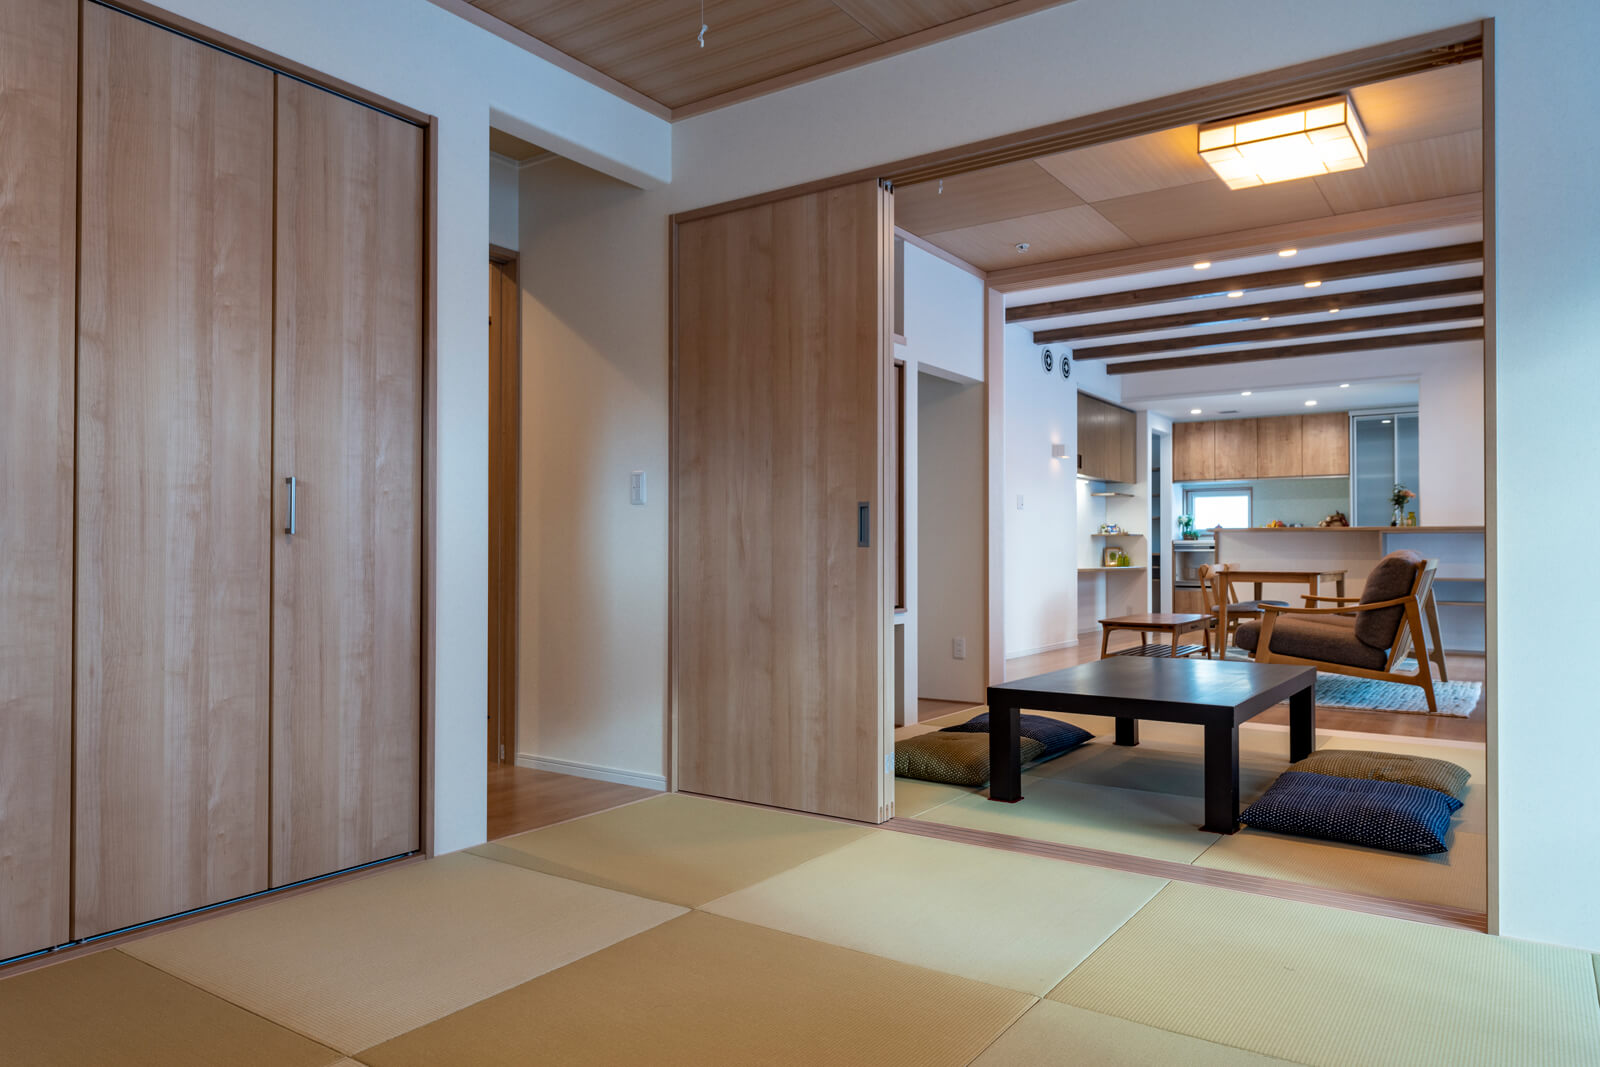 お母さん用の和室からリビング方向を見る。和室の天井には木を用い、上品さをプラス